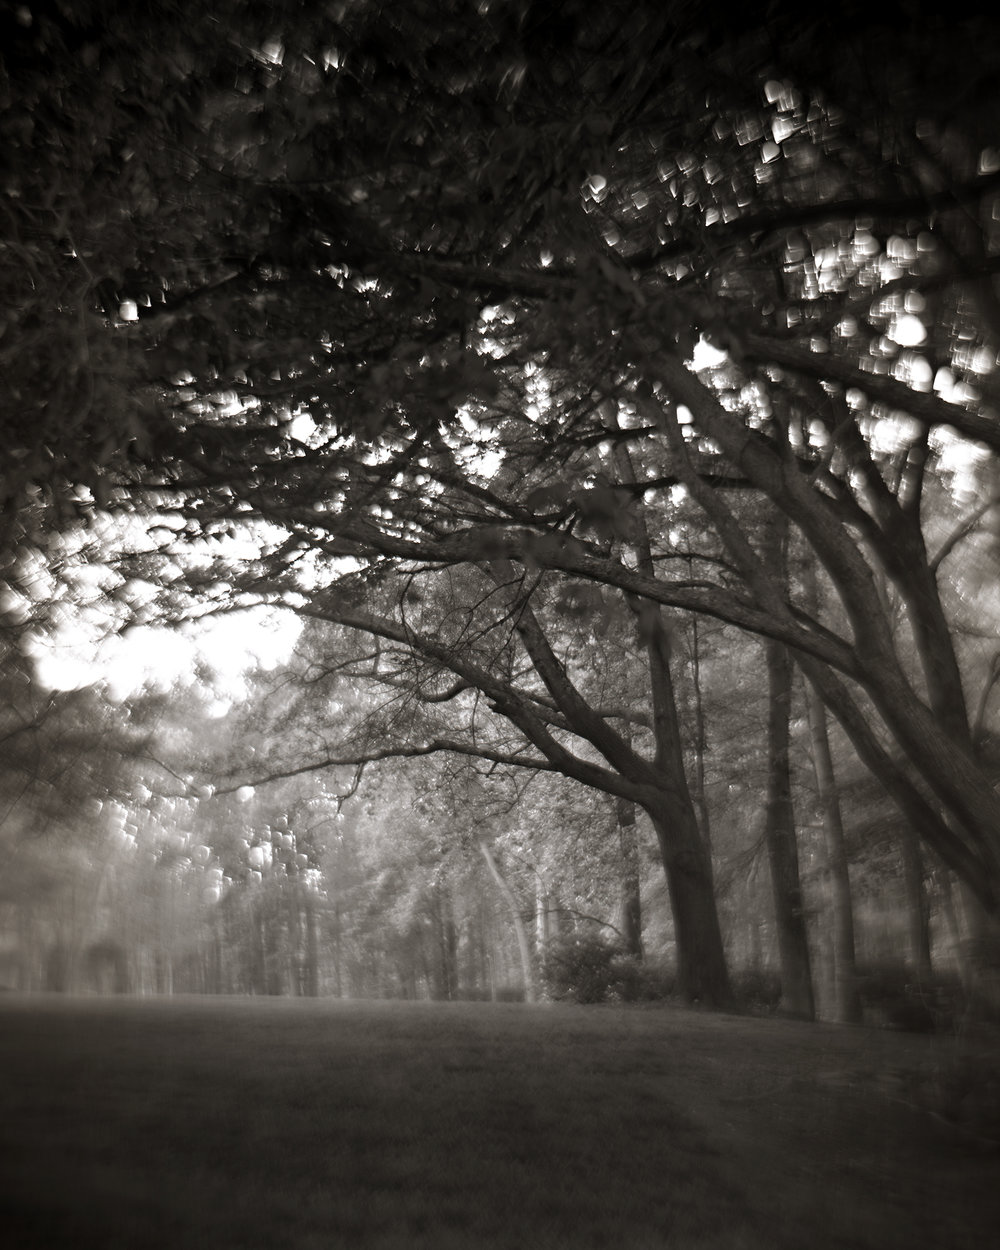 Trees Bending Toward the Light, 2016